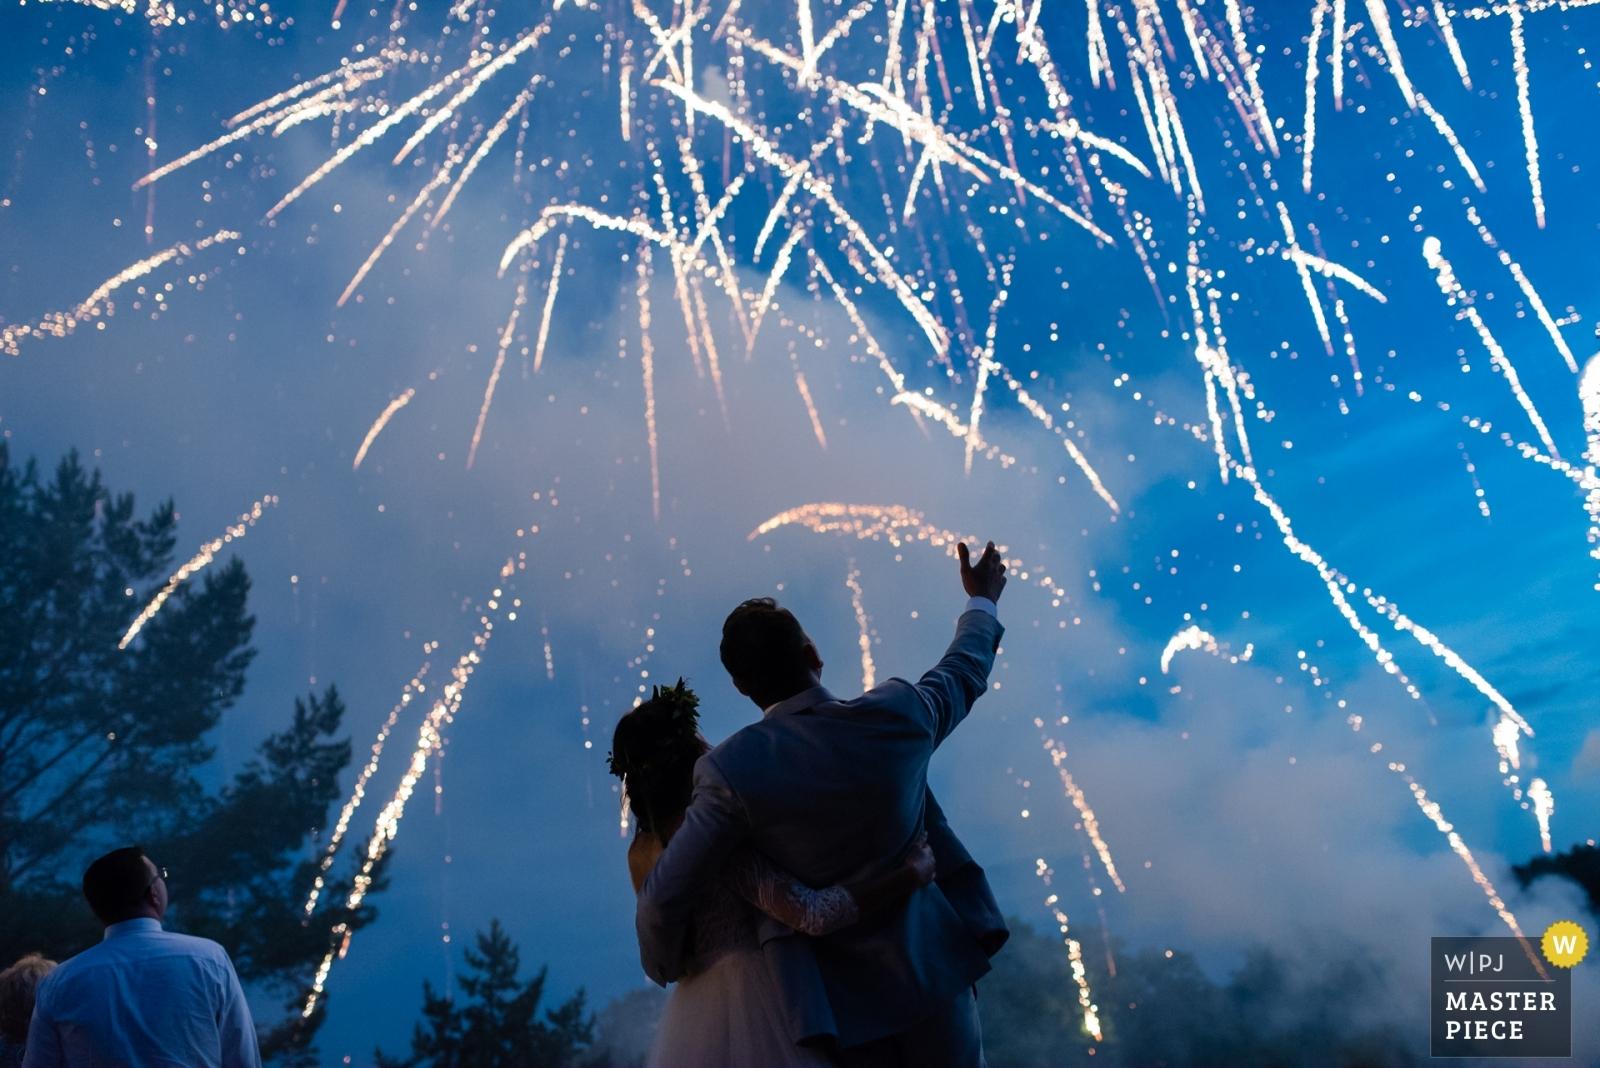 mrugała studio, ślub na kaszubach, weselne fajerwerki, nagrodzone zdjęcie ślubne, WPJA member